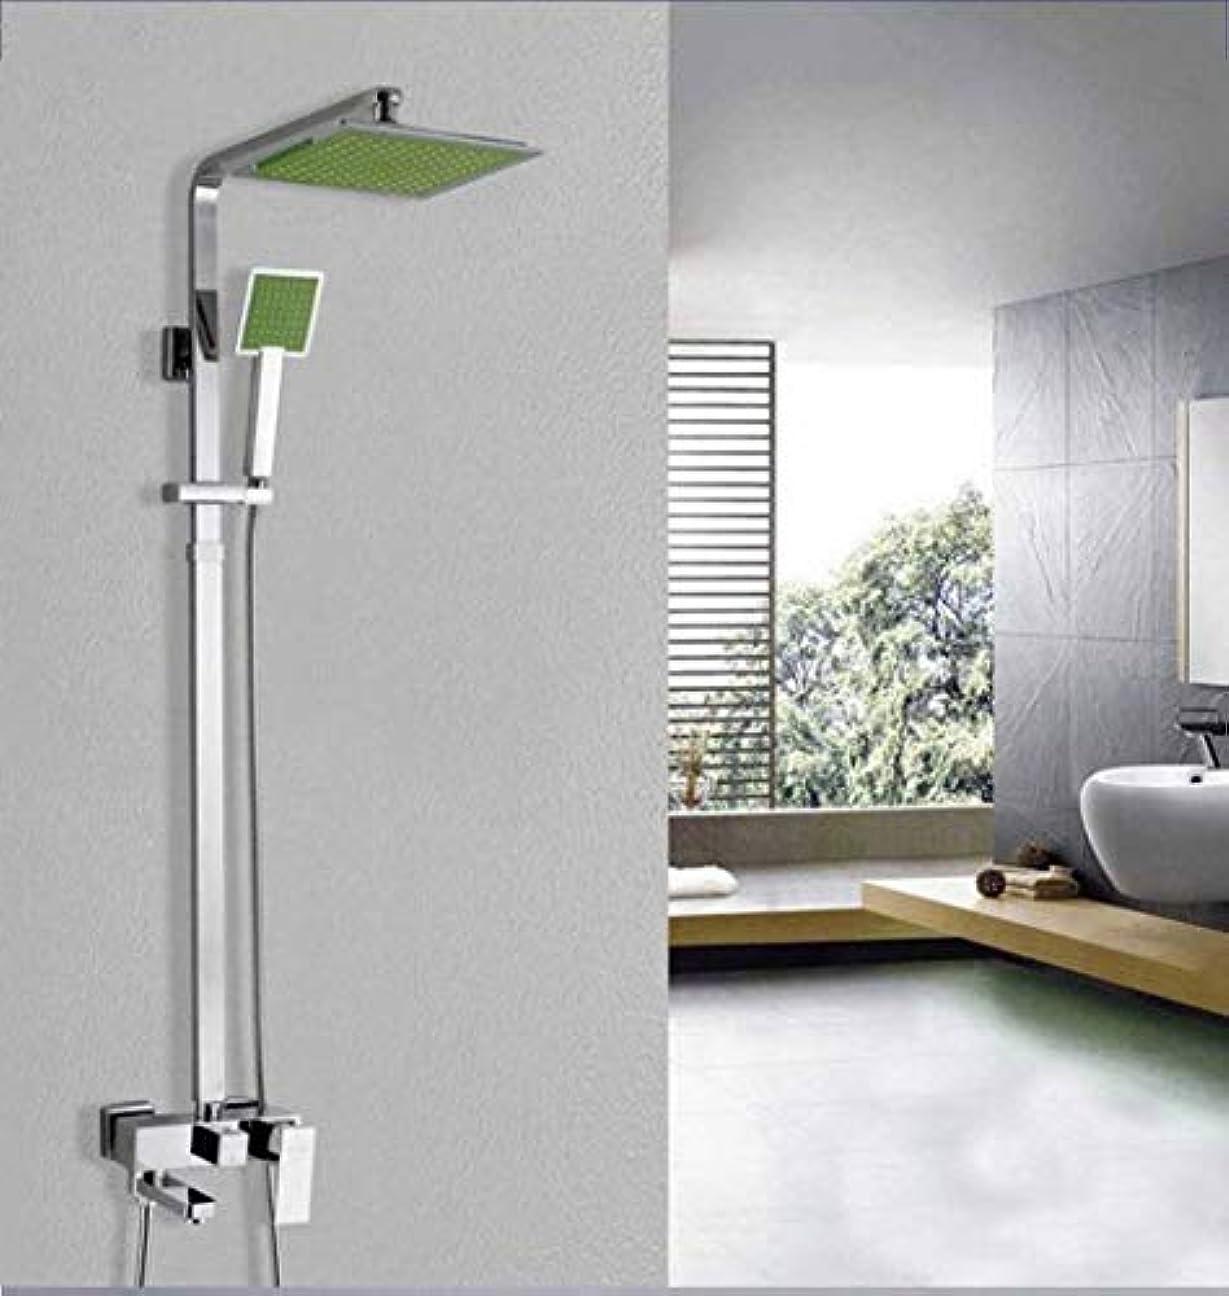 やめる不良品ポータルサーモスタットシャワーシステム、バスルームシャワーミキサーセット新しい1セット浴室バスタブシャワーセットブラスクロームウォールマウントシャワー蛇口ウォーターバスシャワーシステムタップ